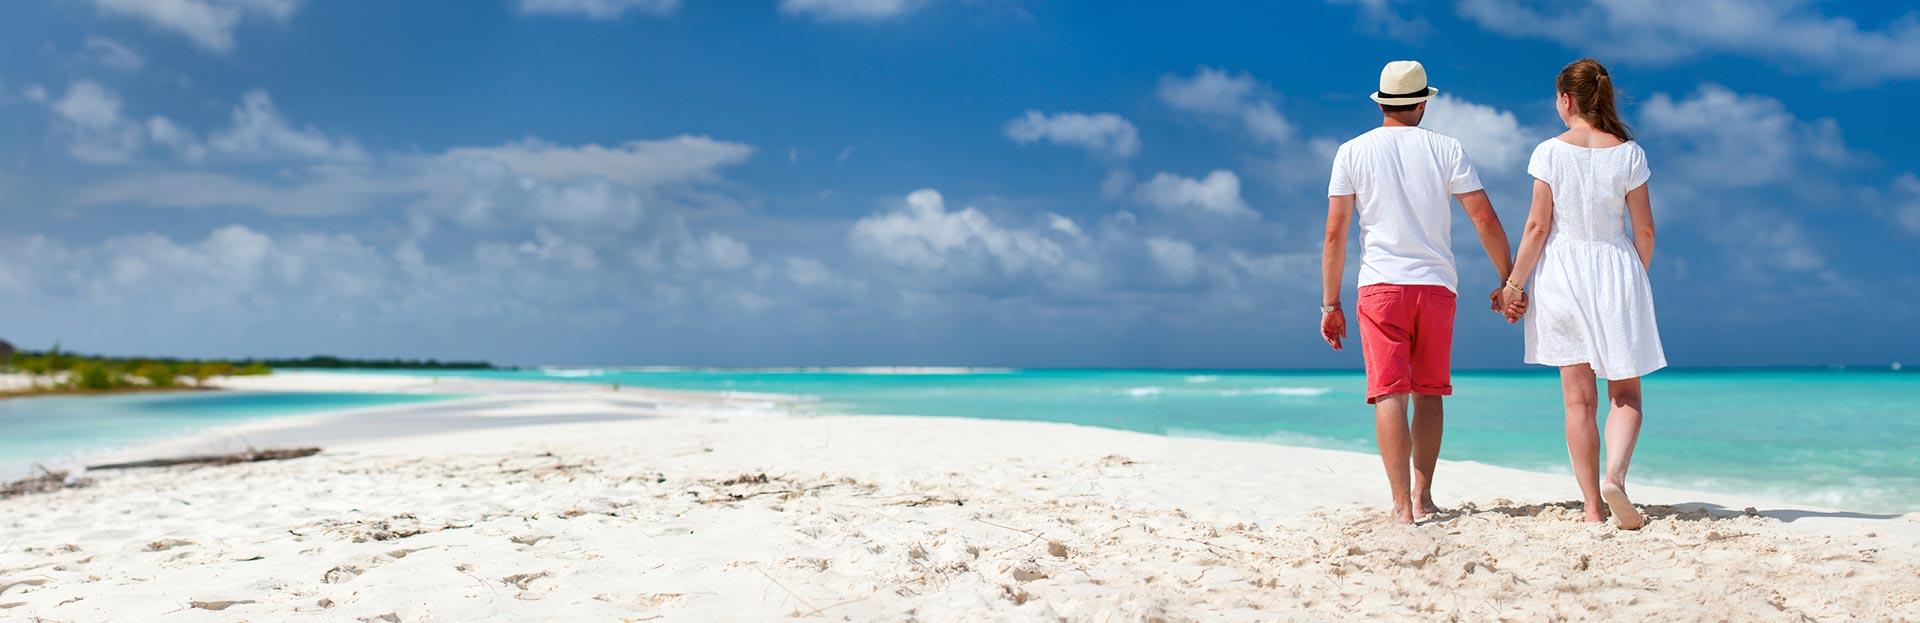 00_0L_0P_cuba-beach